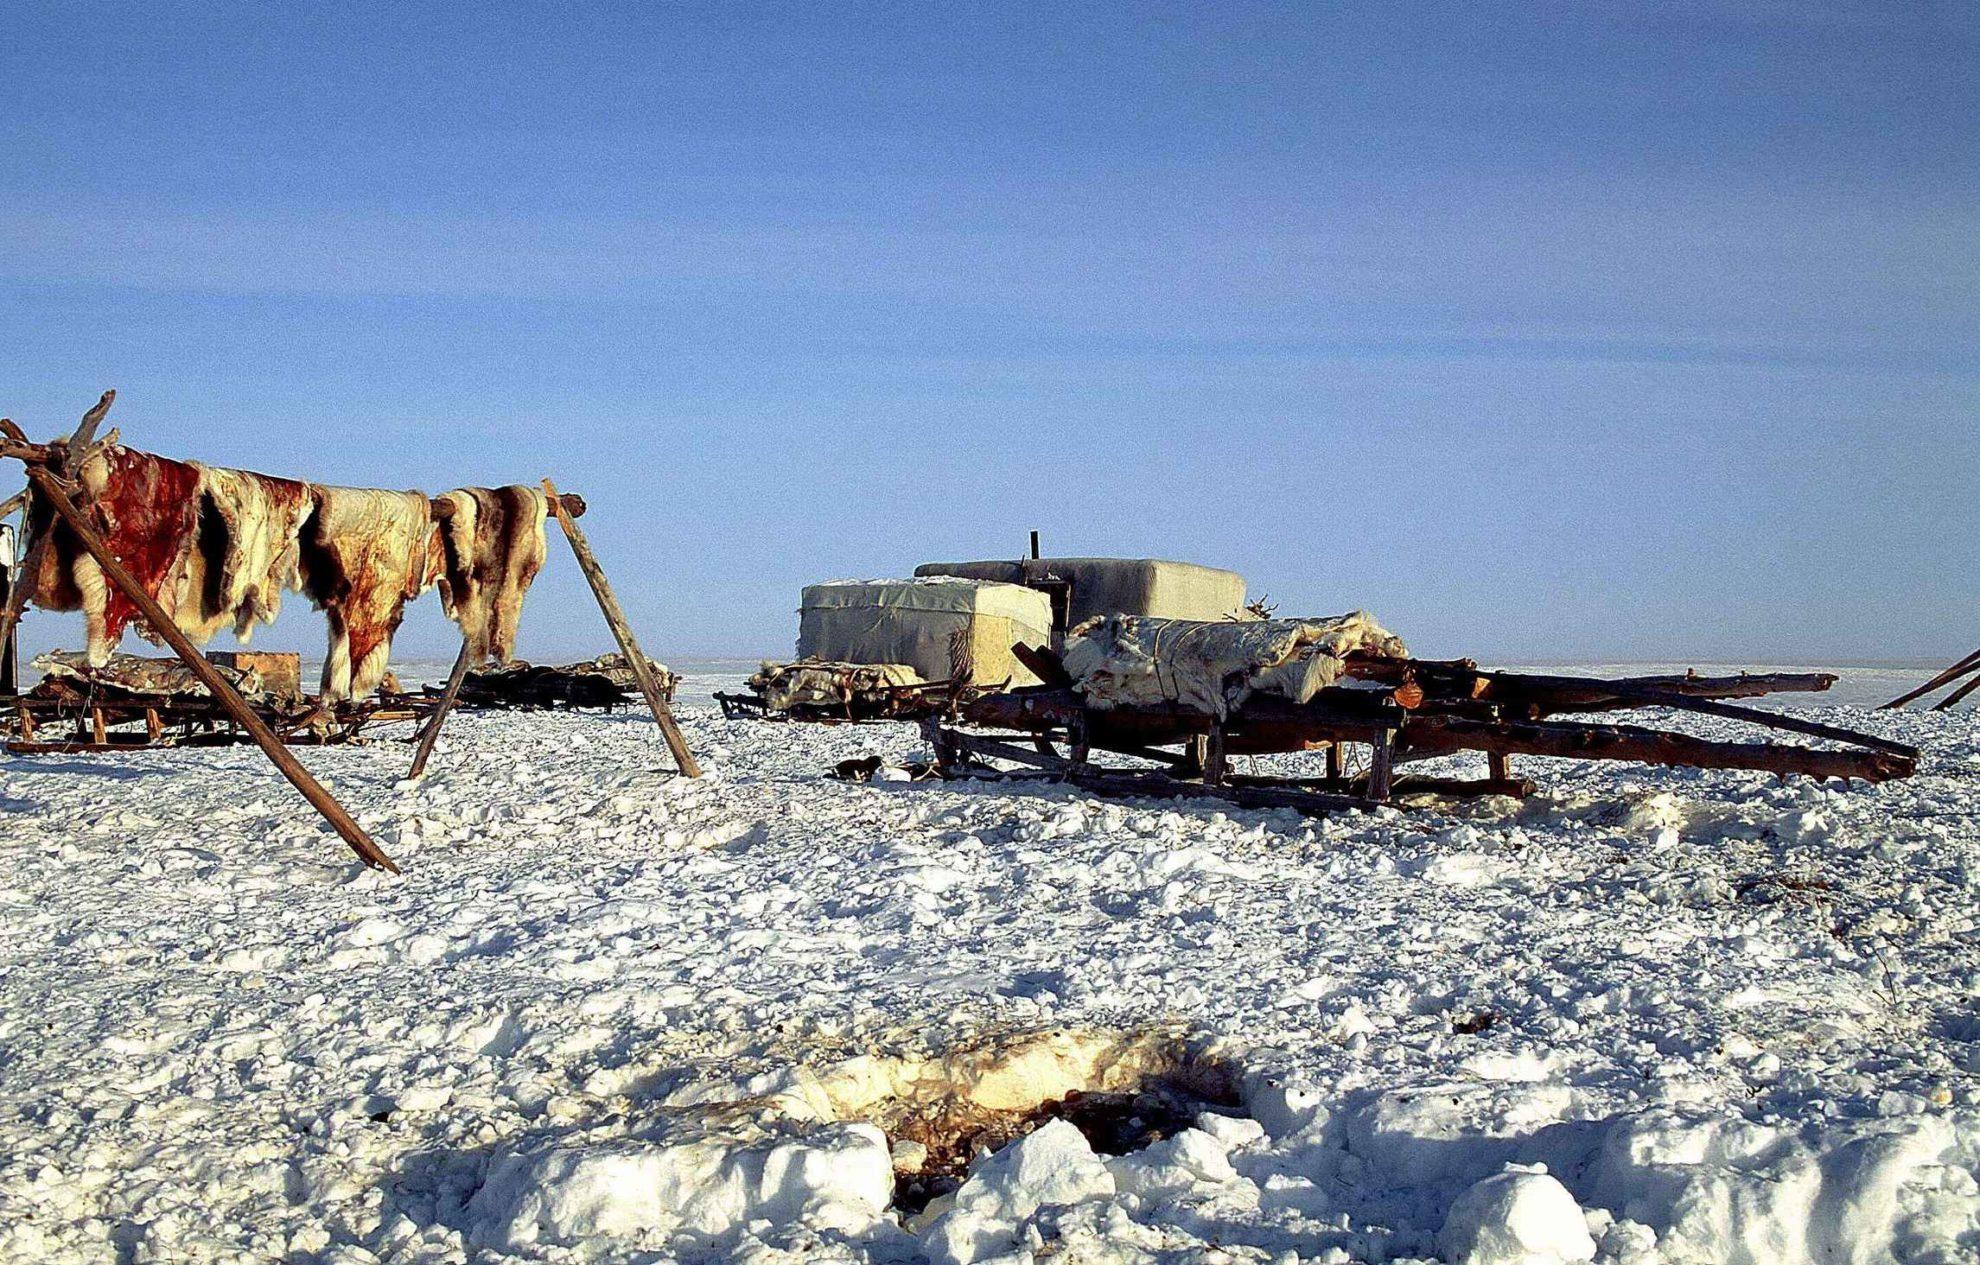 Промысел жителей побережья Северного ледовитого океана.